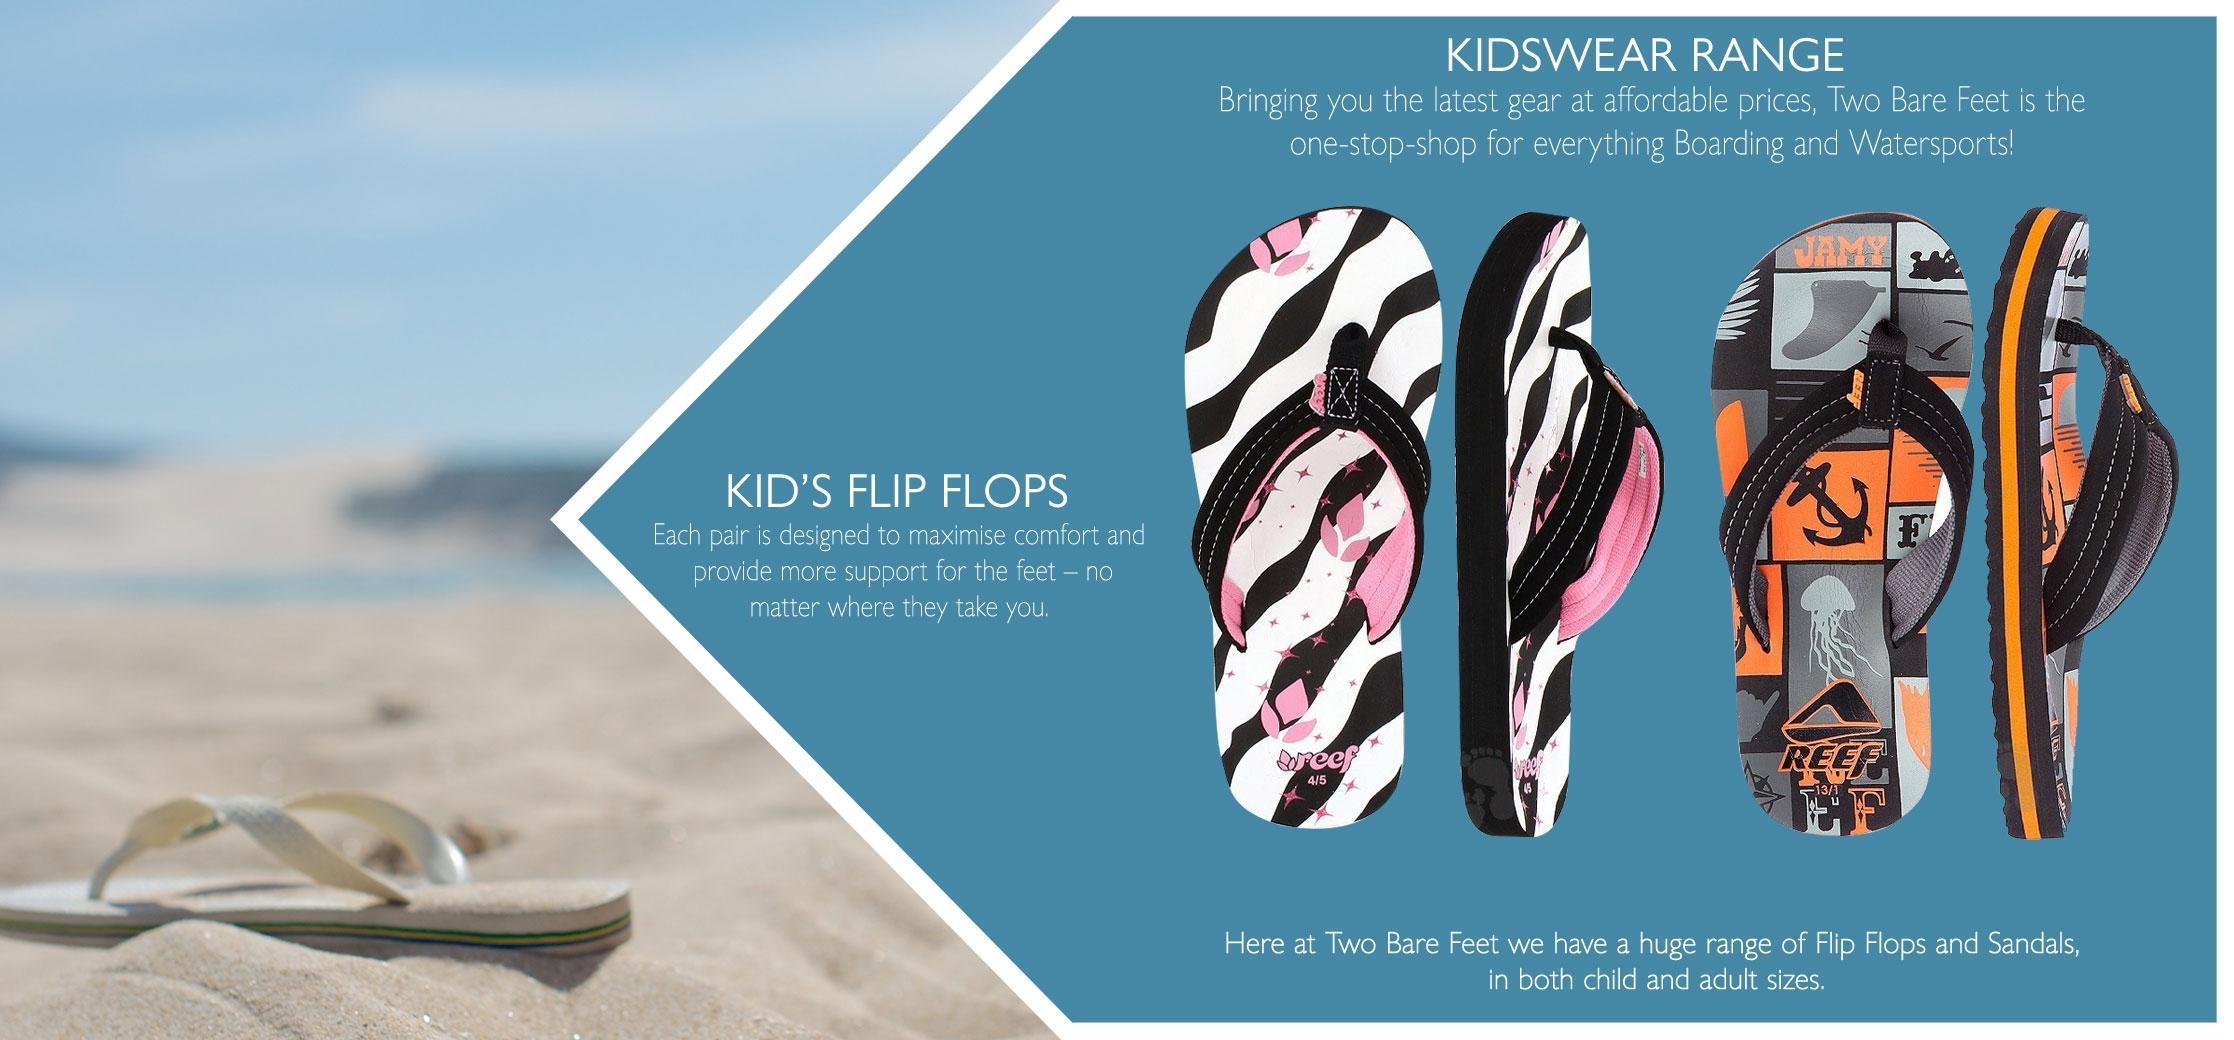 Types of kid's flip flops